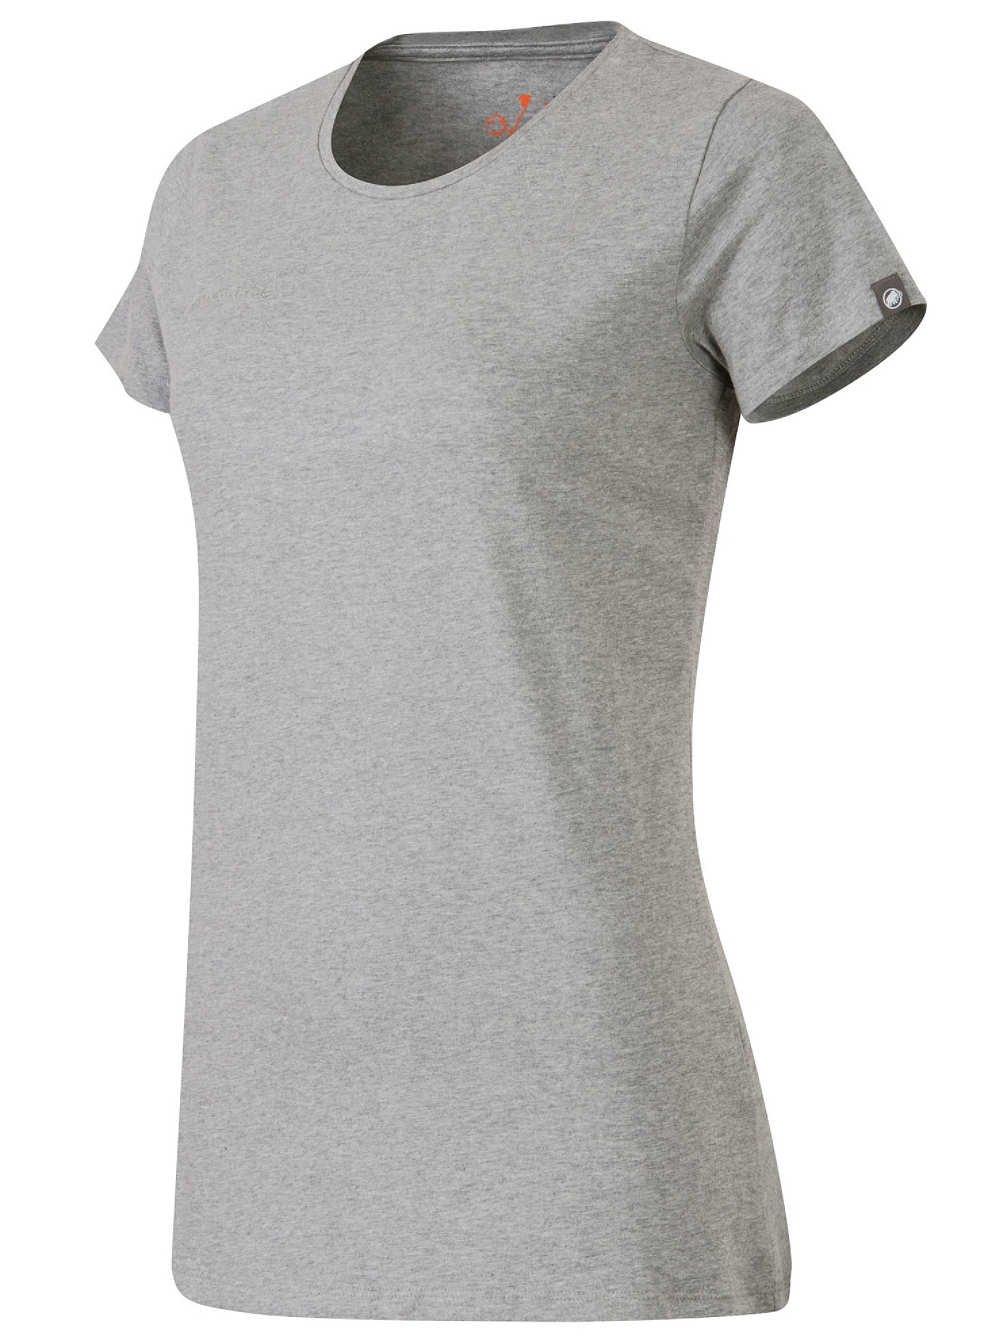 Mammut Damen T-shirt Logo 1041-06540993